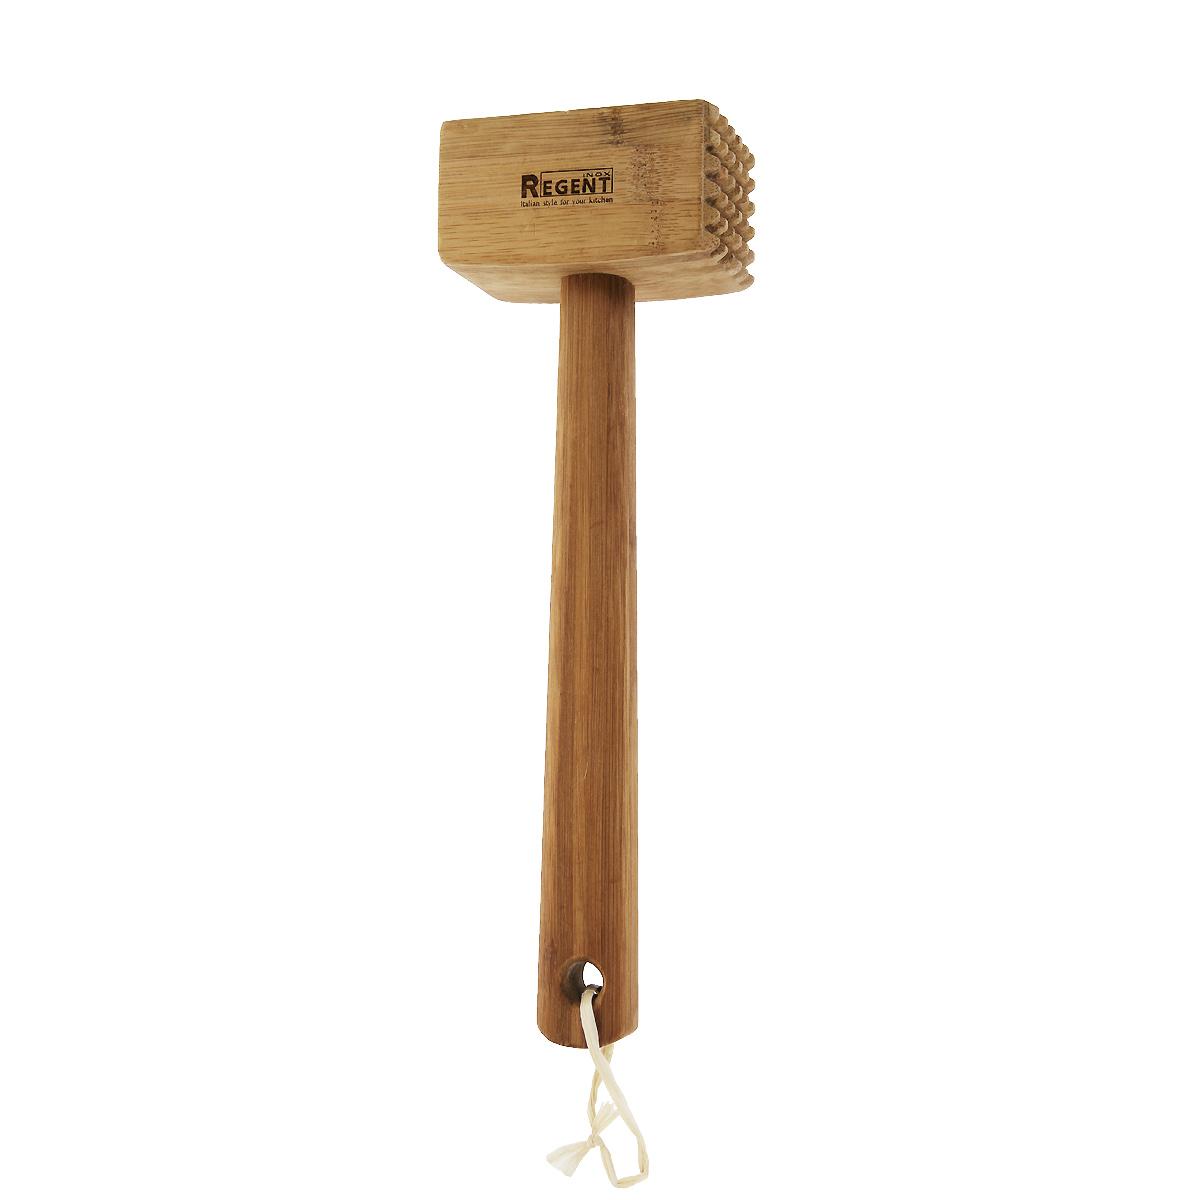 Молоток для отбивания Regent Inox93-BM-5-03Молоток для отбивания Regent выполнен из натурального бамбука. Он легче металлического молотка, но ничуть не уступает ему в ударостойкости, так как древесина бамбука обладает повышенной прочностью, а также влагонепроницаемостью. На ручке молотка имеется дырочка для подвешивания. Характеристики: Материал: дерево (бамбук). Длина молотка: 28 см. Размер рабочей поверхности: 8,5 см х 4,5 см х 4,5 см. Размер упаковки: 28 см х 8,5 см х 4,5 см. Артикул: 93-BM-5-03.